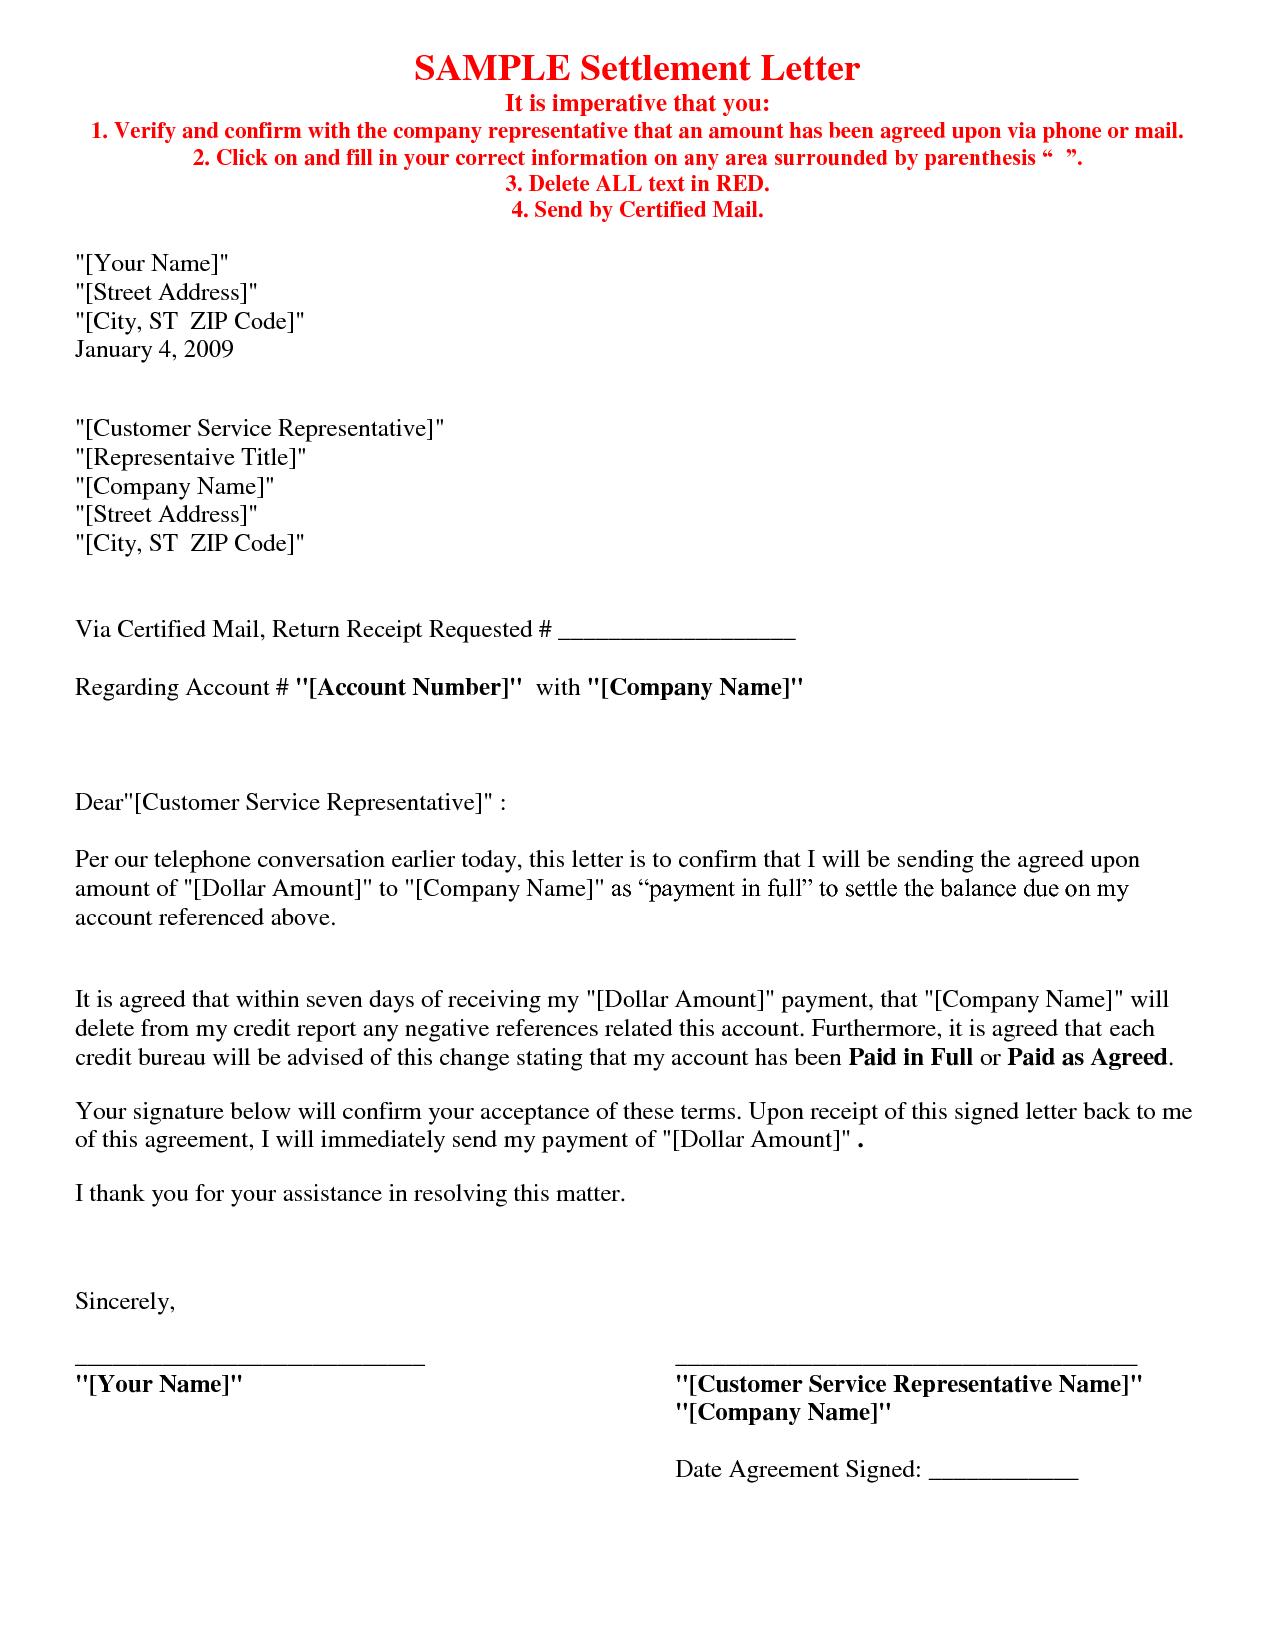 Settlement Agreement Letter Template